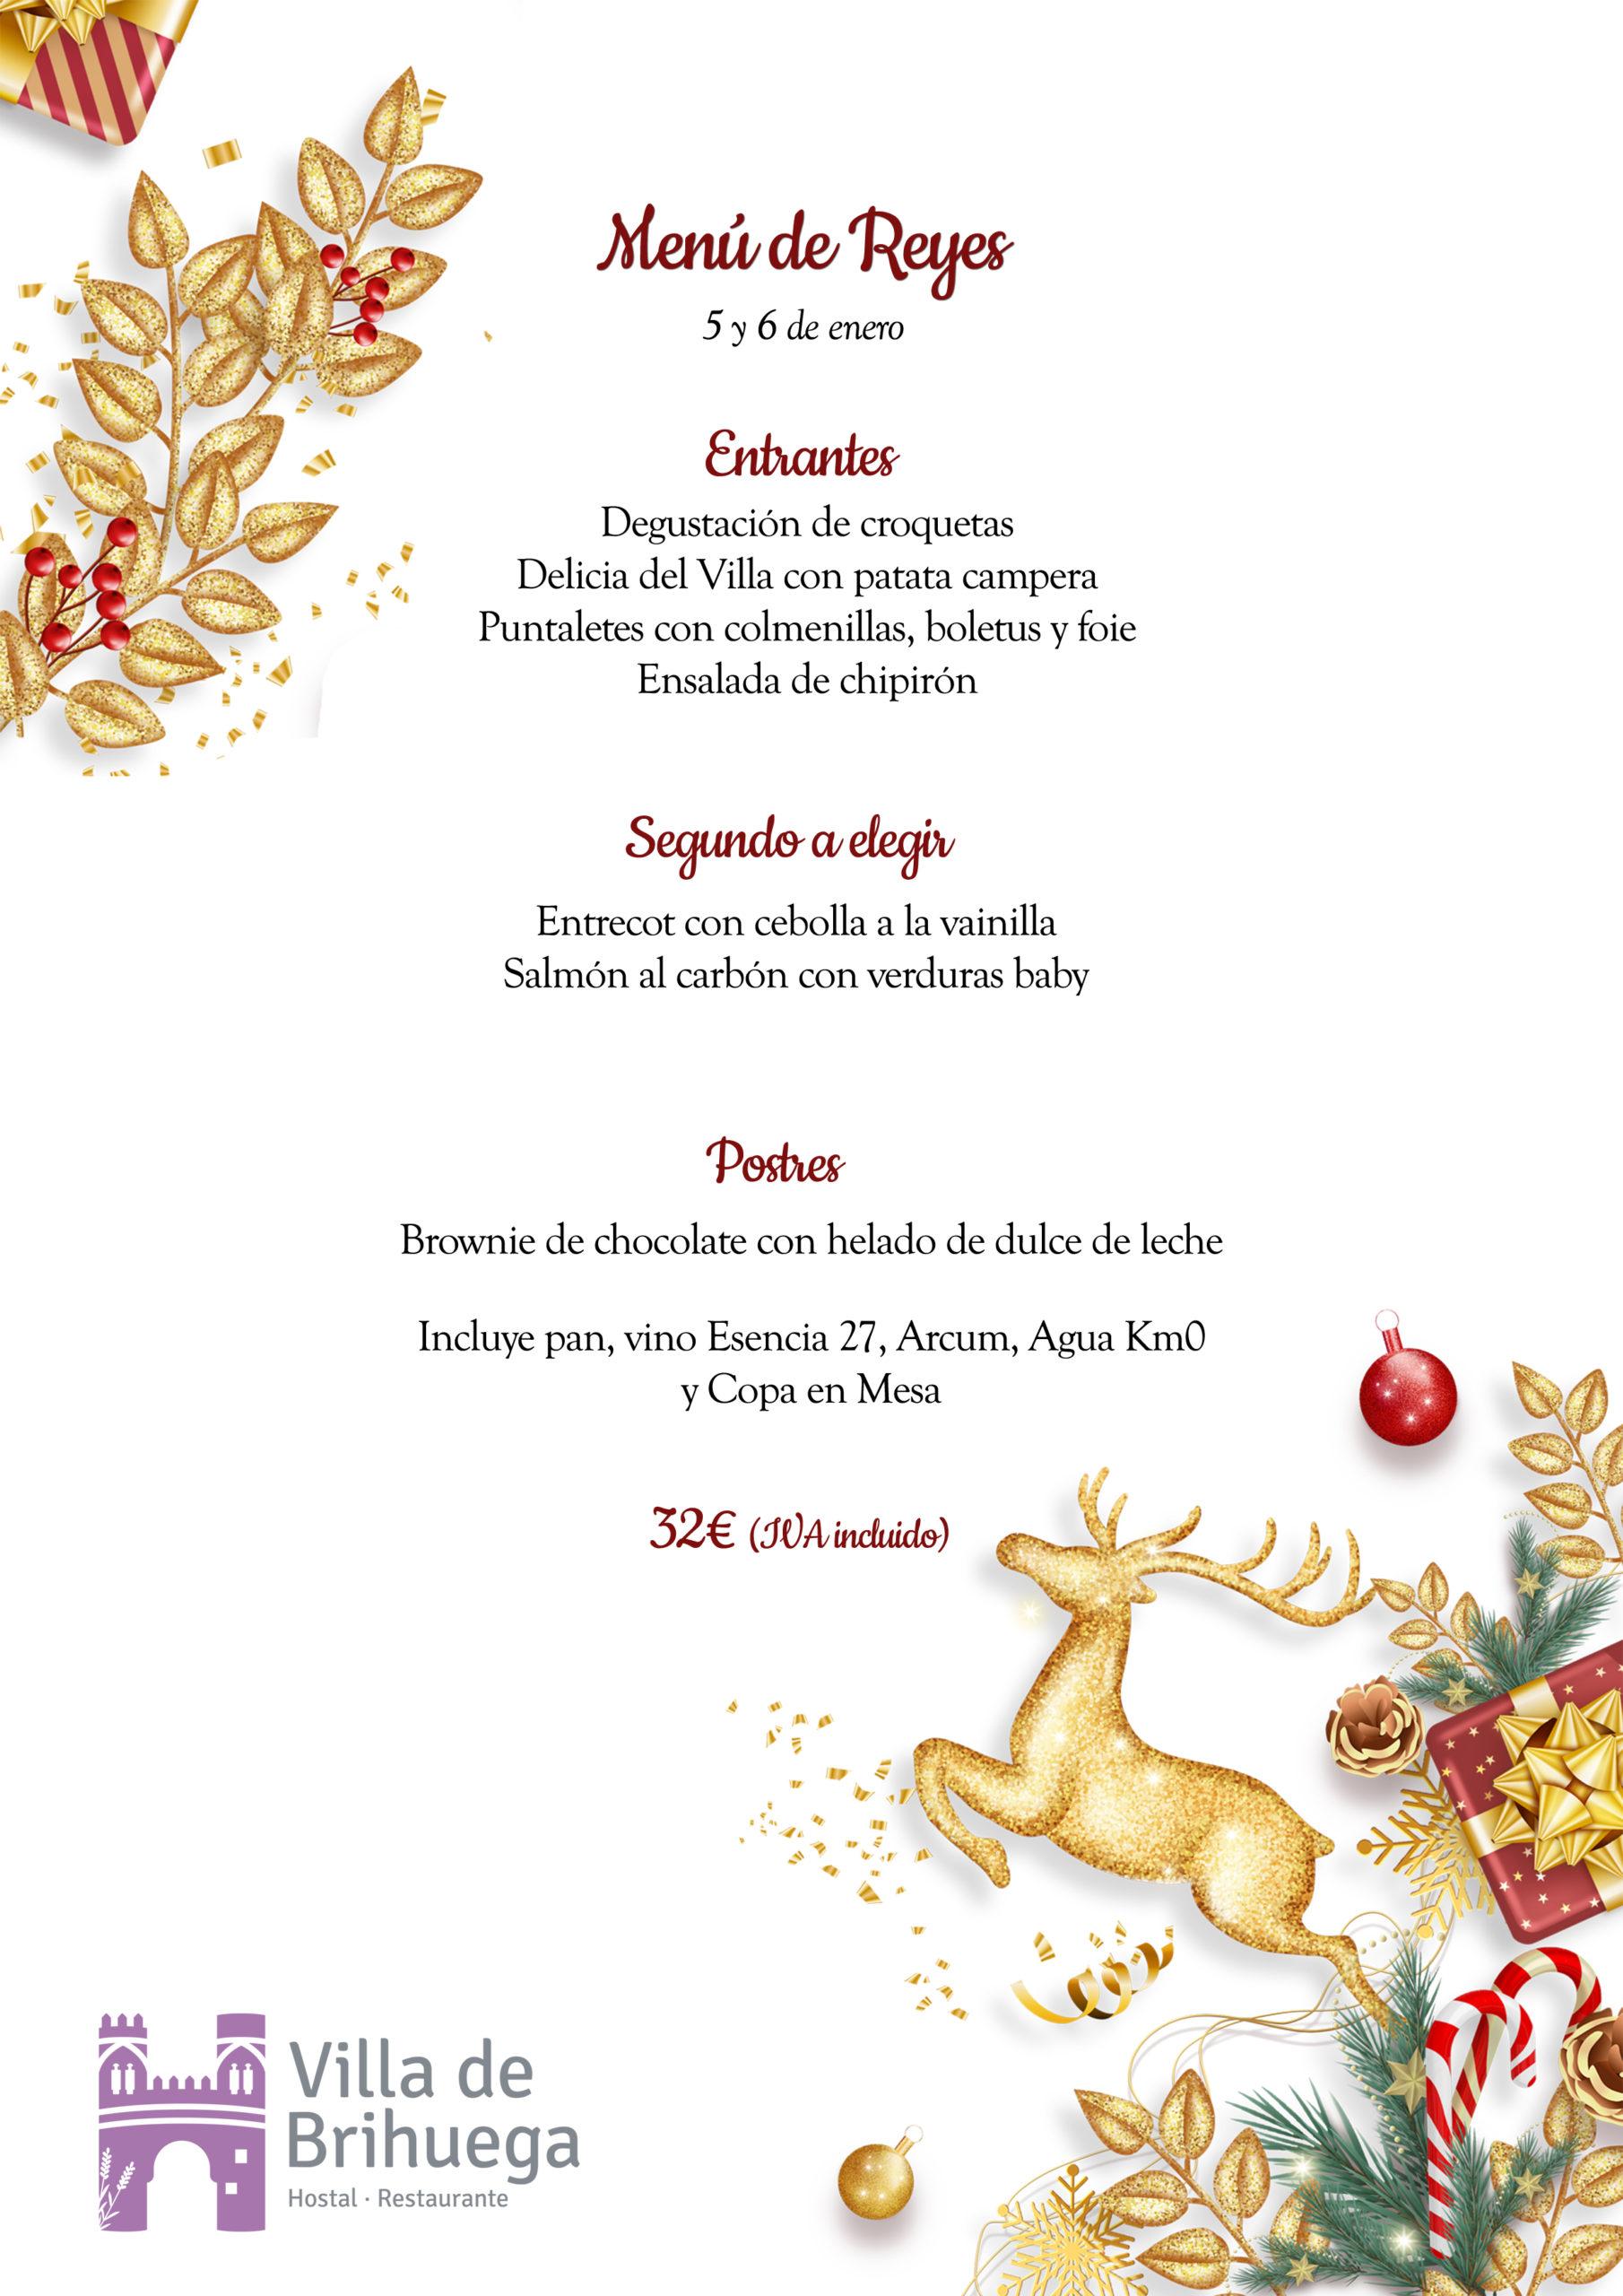 Menú de Reyes Restaurante Villa de Brihuega.